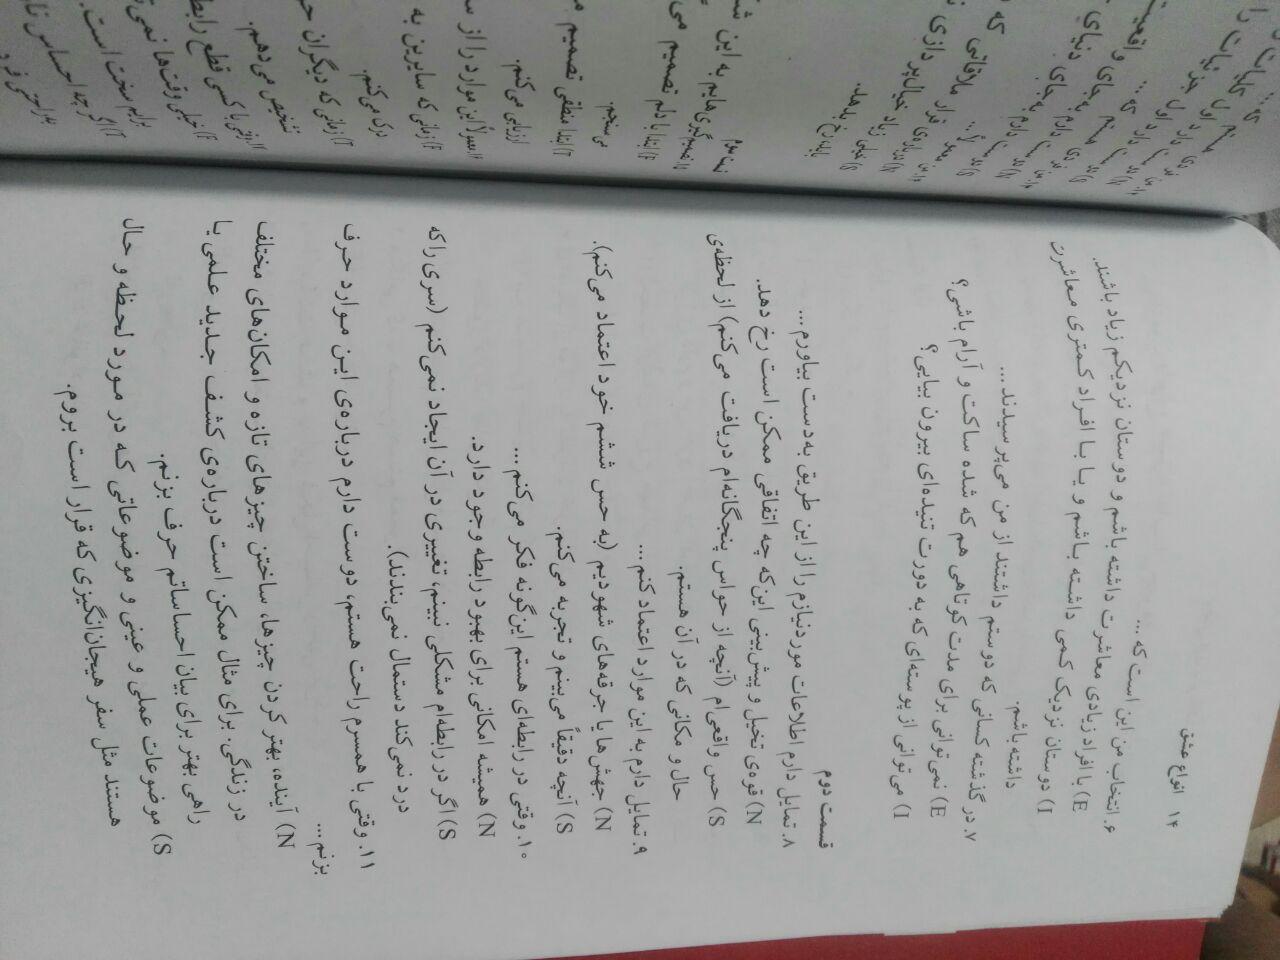 دانلود کتاب انواع عشق آسنات76